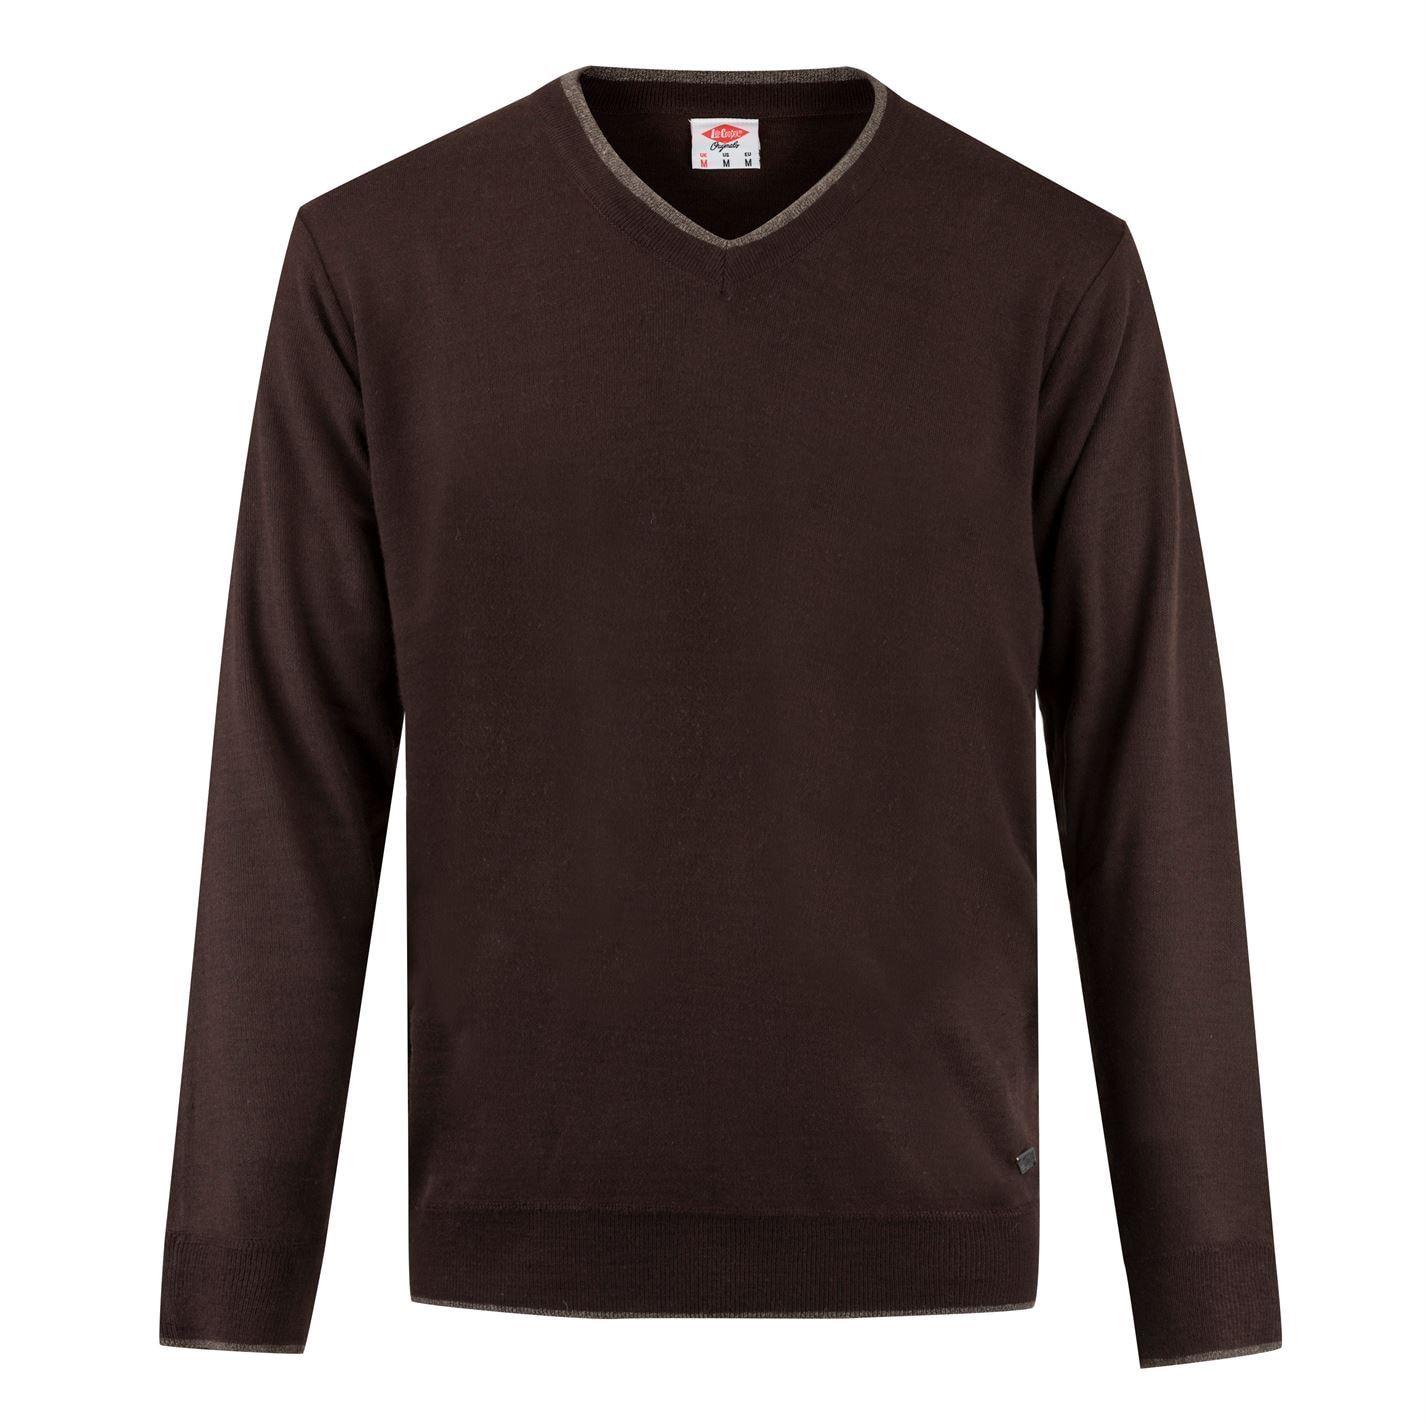 Lee-Cooper-Cuello-en-V-sueter-pulover-jumper-Top-Para-Hombre miniatura 3